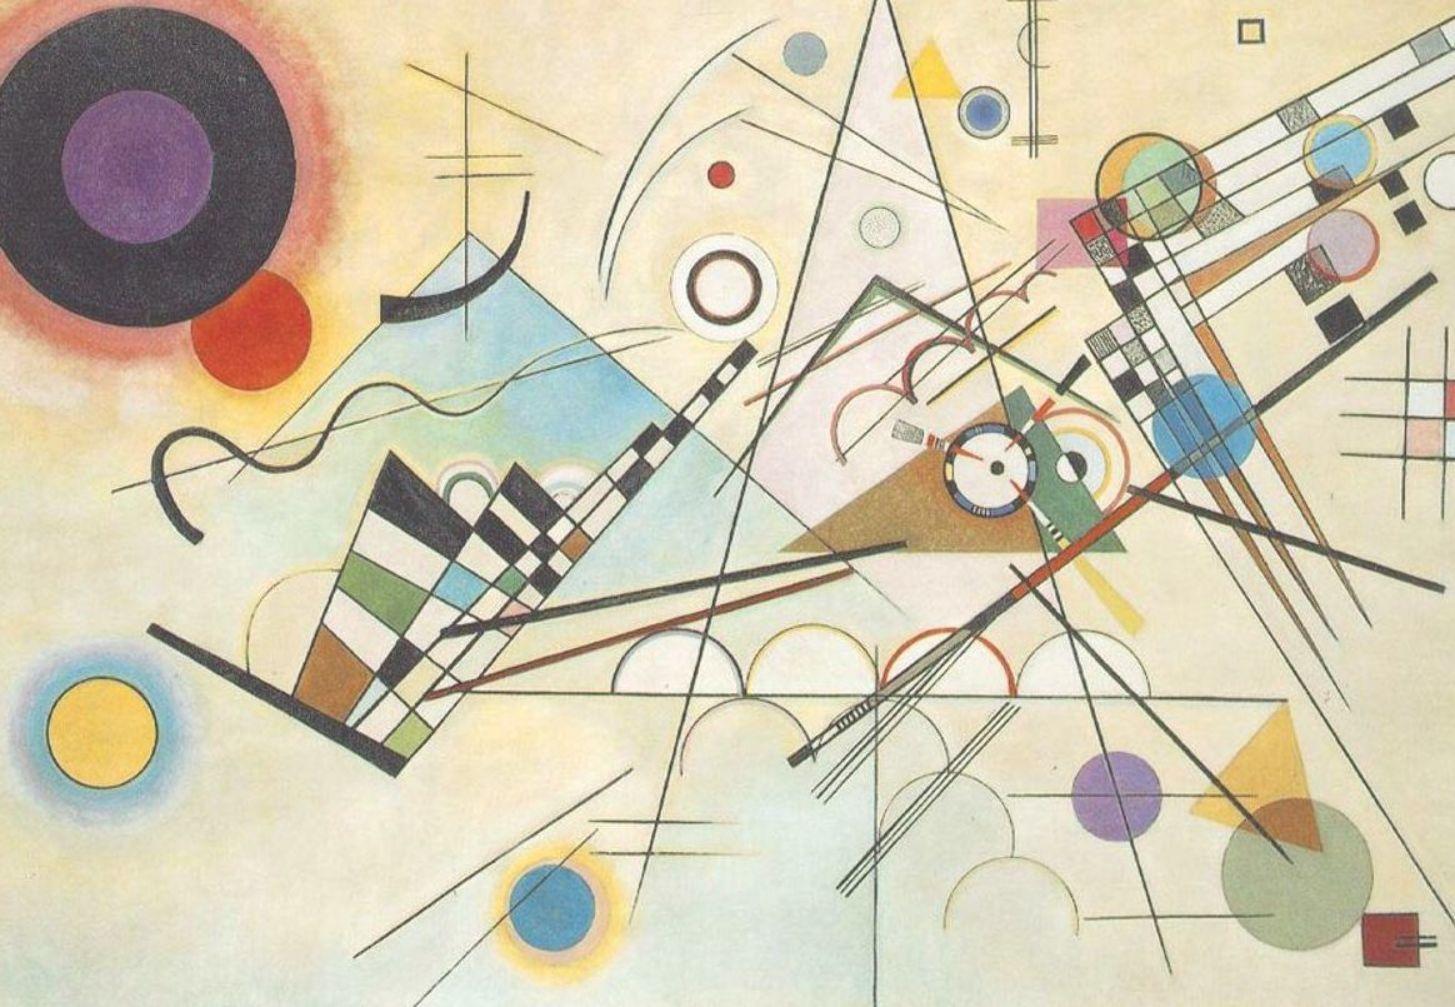 composition viii by wassily kandinsky zeitgenossische abstrakte kunst moderne kunstwerke malerei künstler großformat